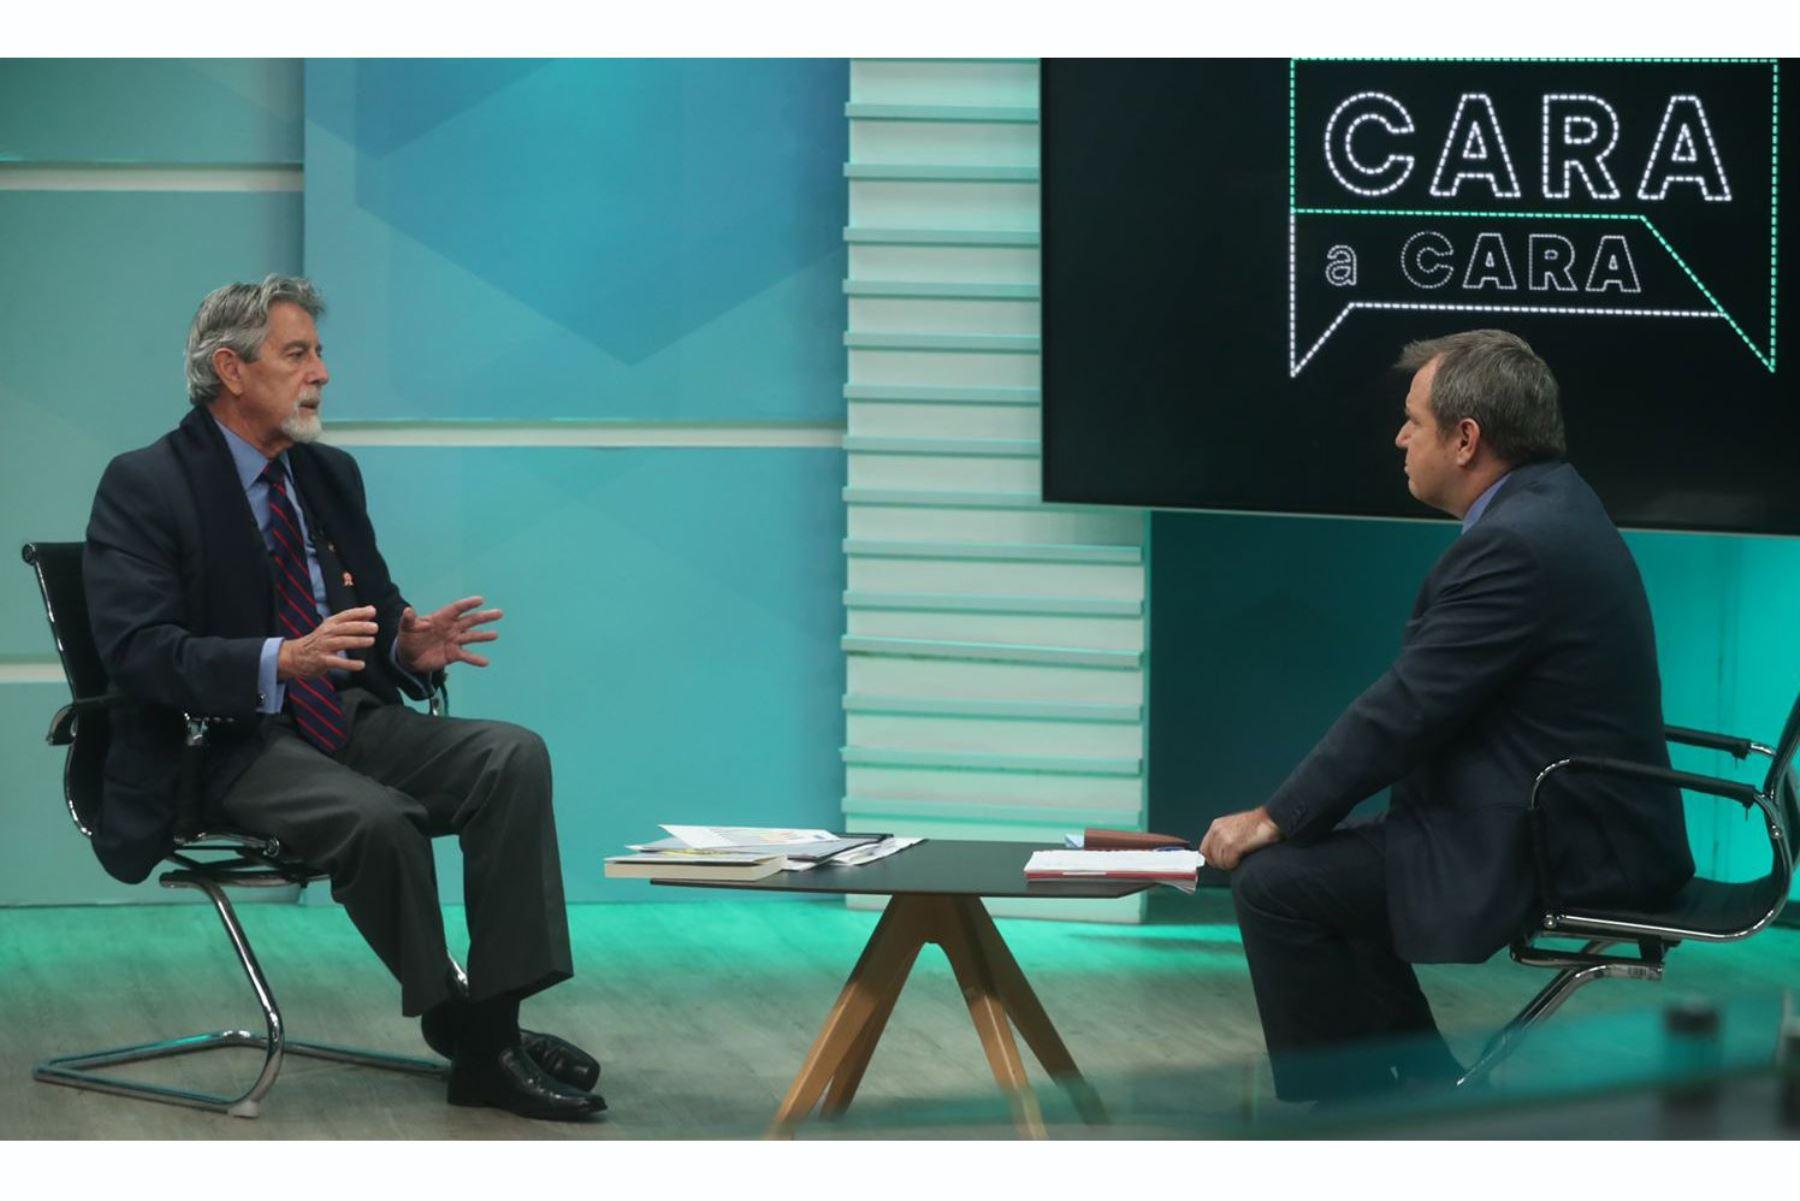 El presidente Francisco Sagasti brinda entrevista al programa Cara a Cara de TV Perú. Foto: ANDINA/Prensa Presidencia